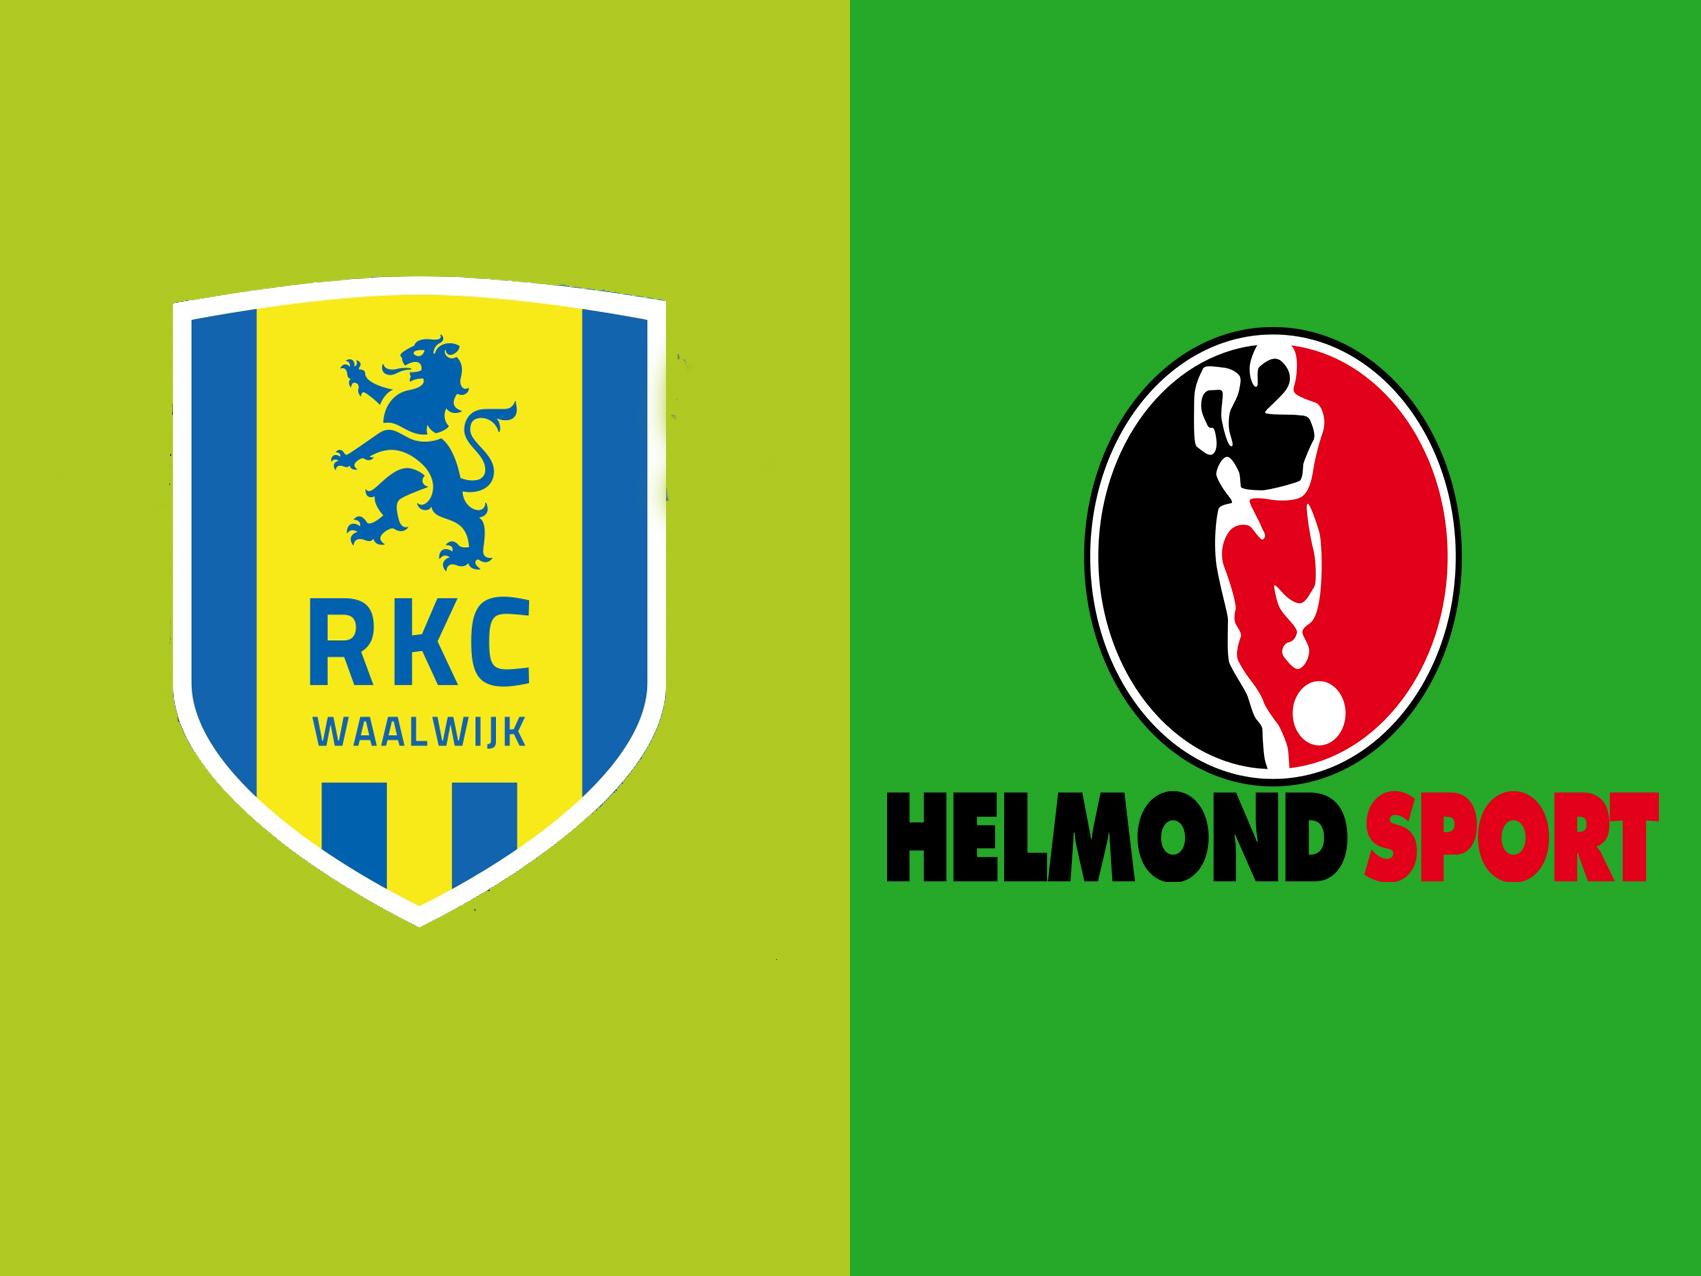 rkc-waalwijk-vs-helmond-sport-–-tip-bong-da-23-3-2019 1